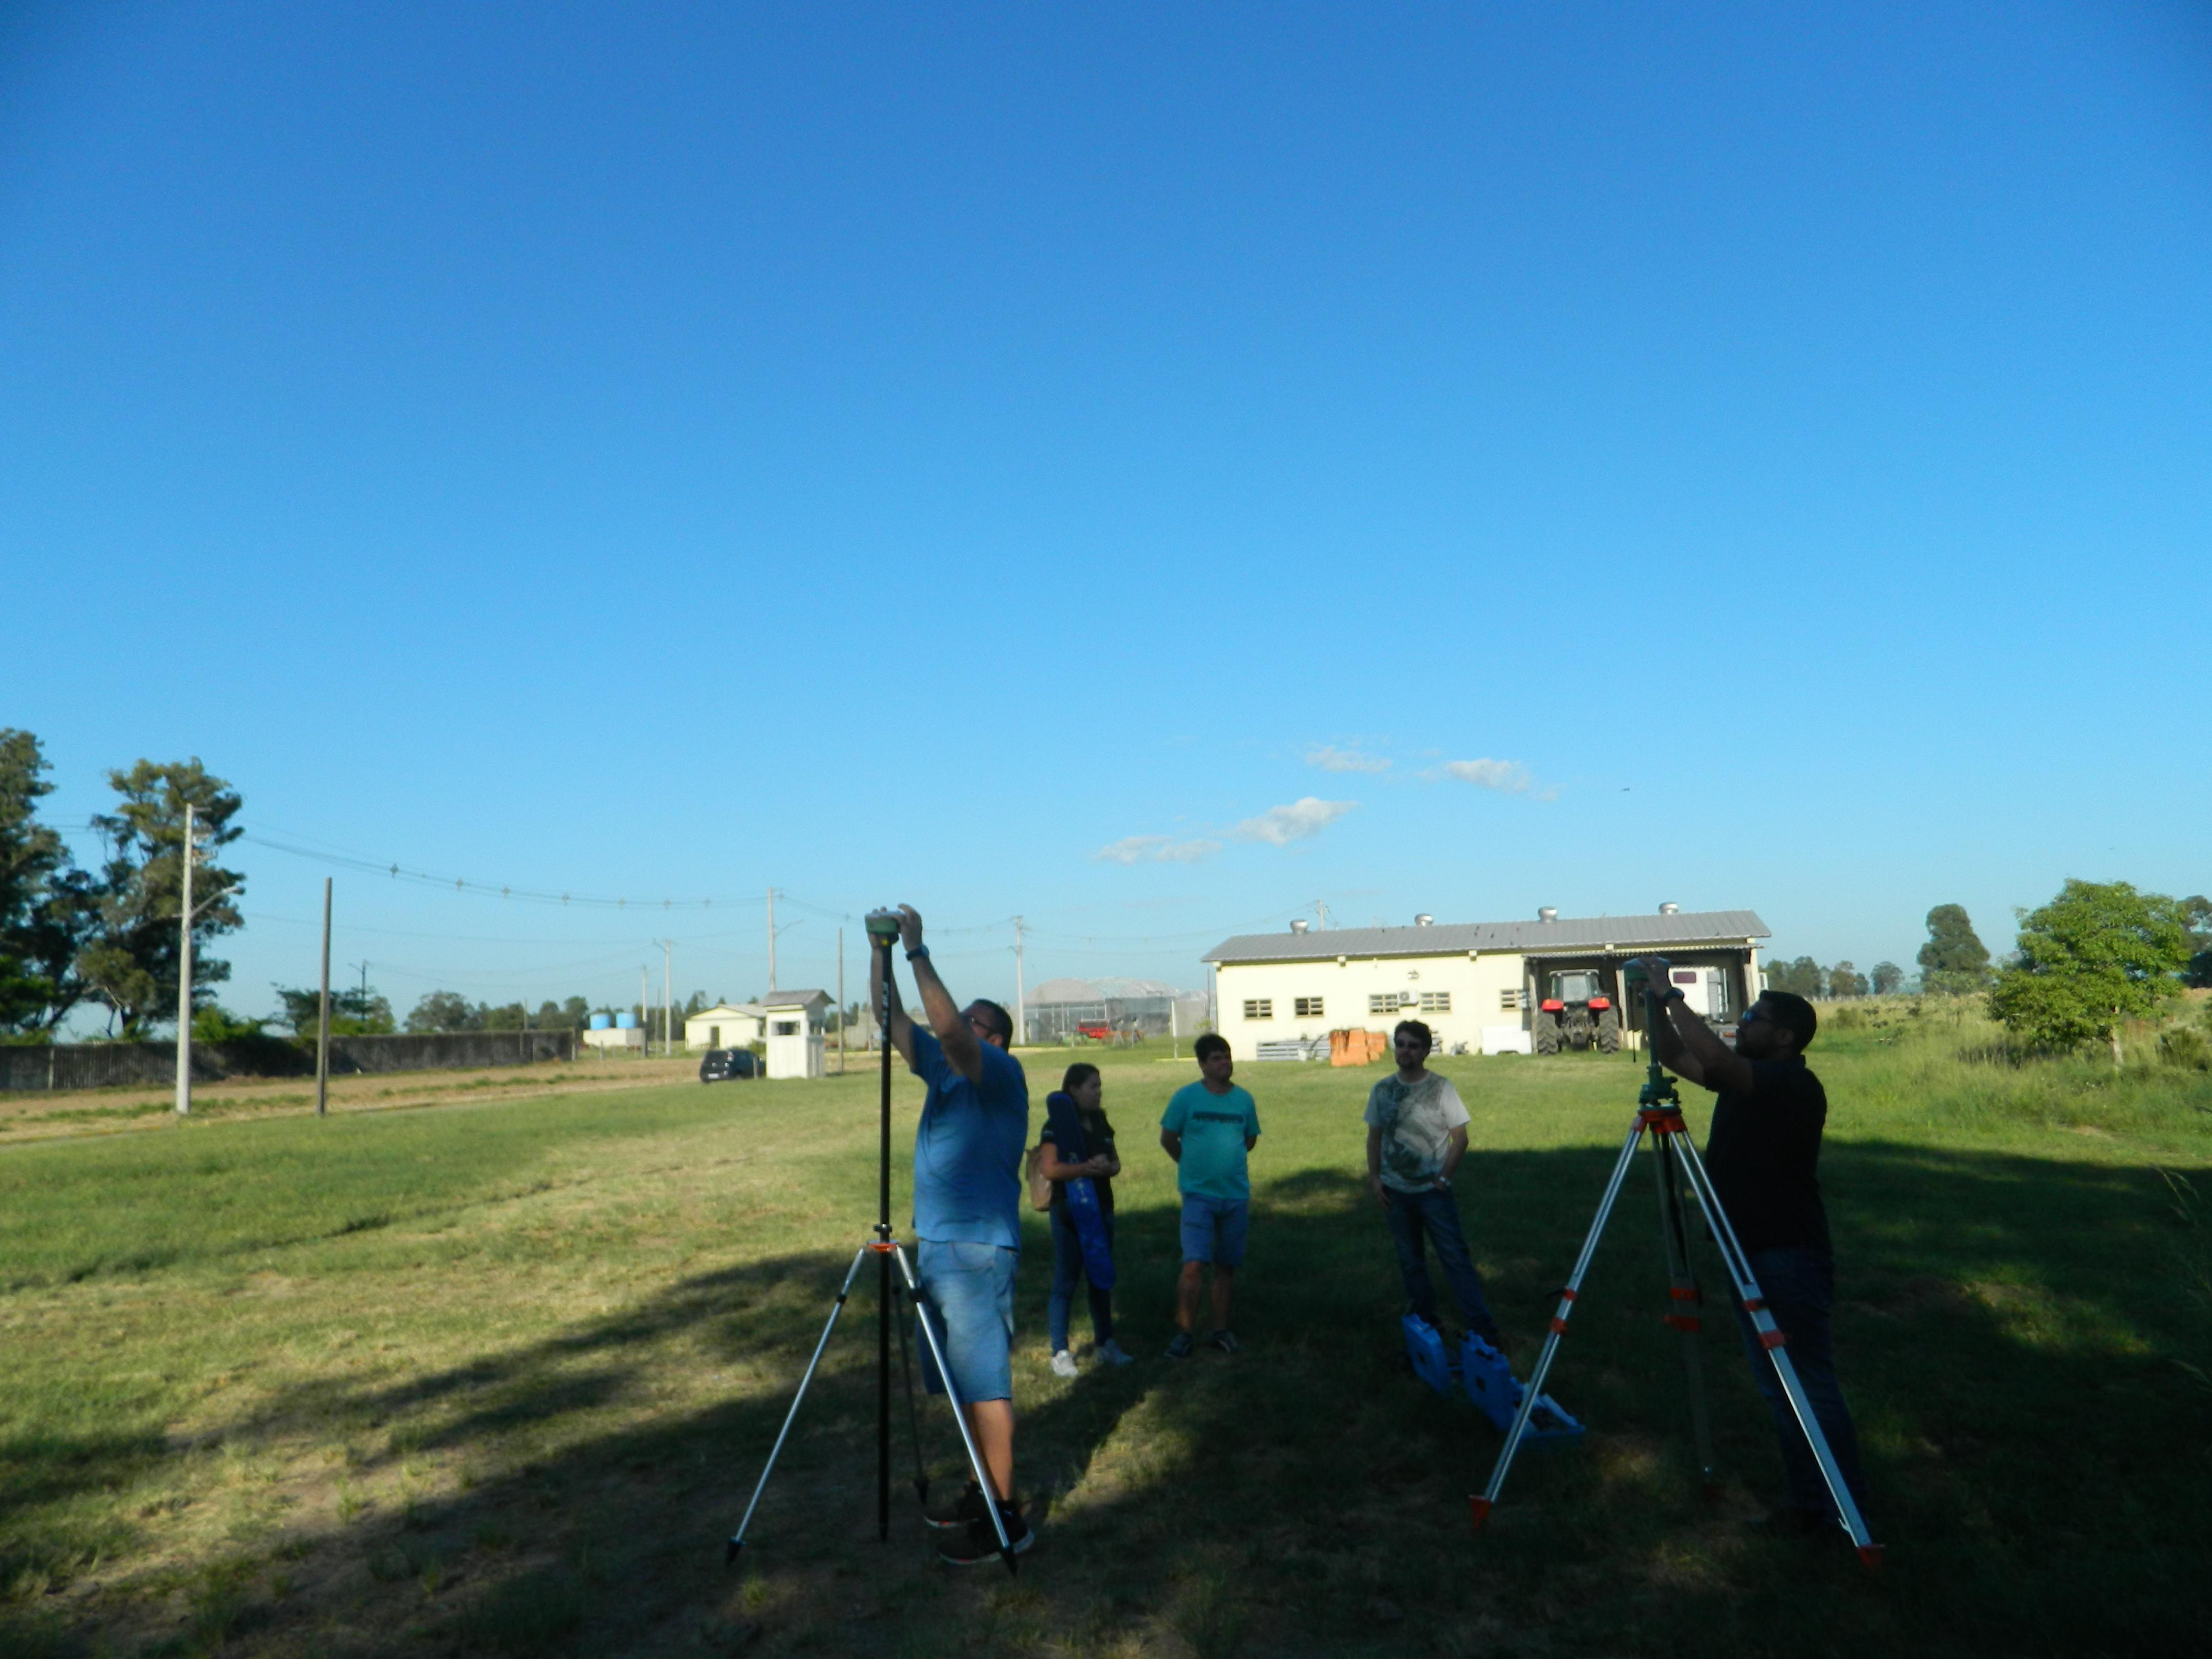 em um campo, dois homens trabalham em equipamentos que parecem tripés. 3 pessoas observam. Ao fundo, ceu azul e garagem e trator